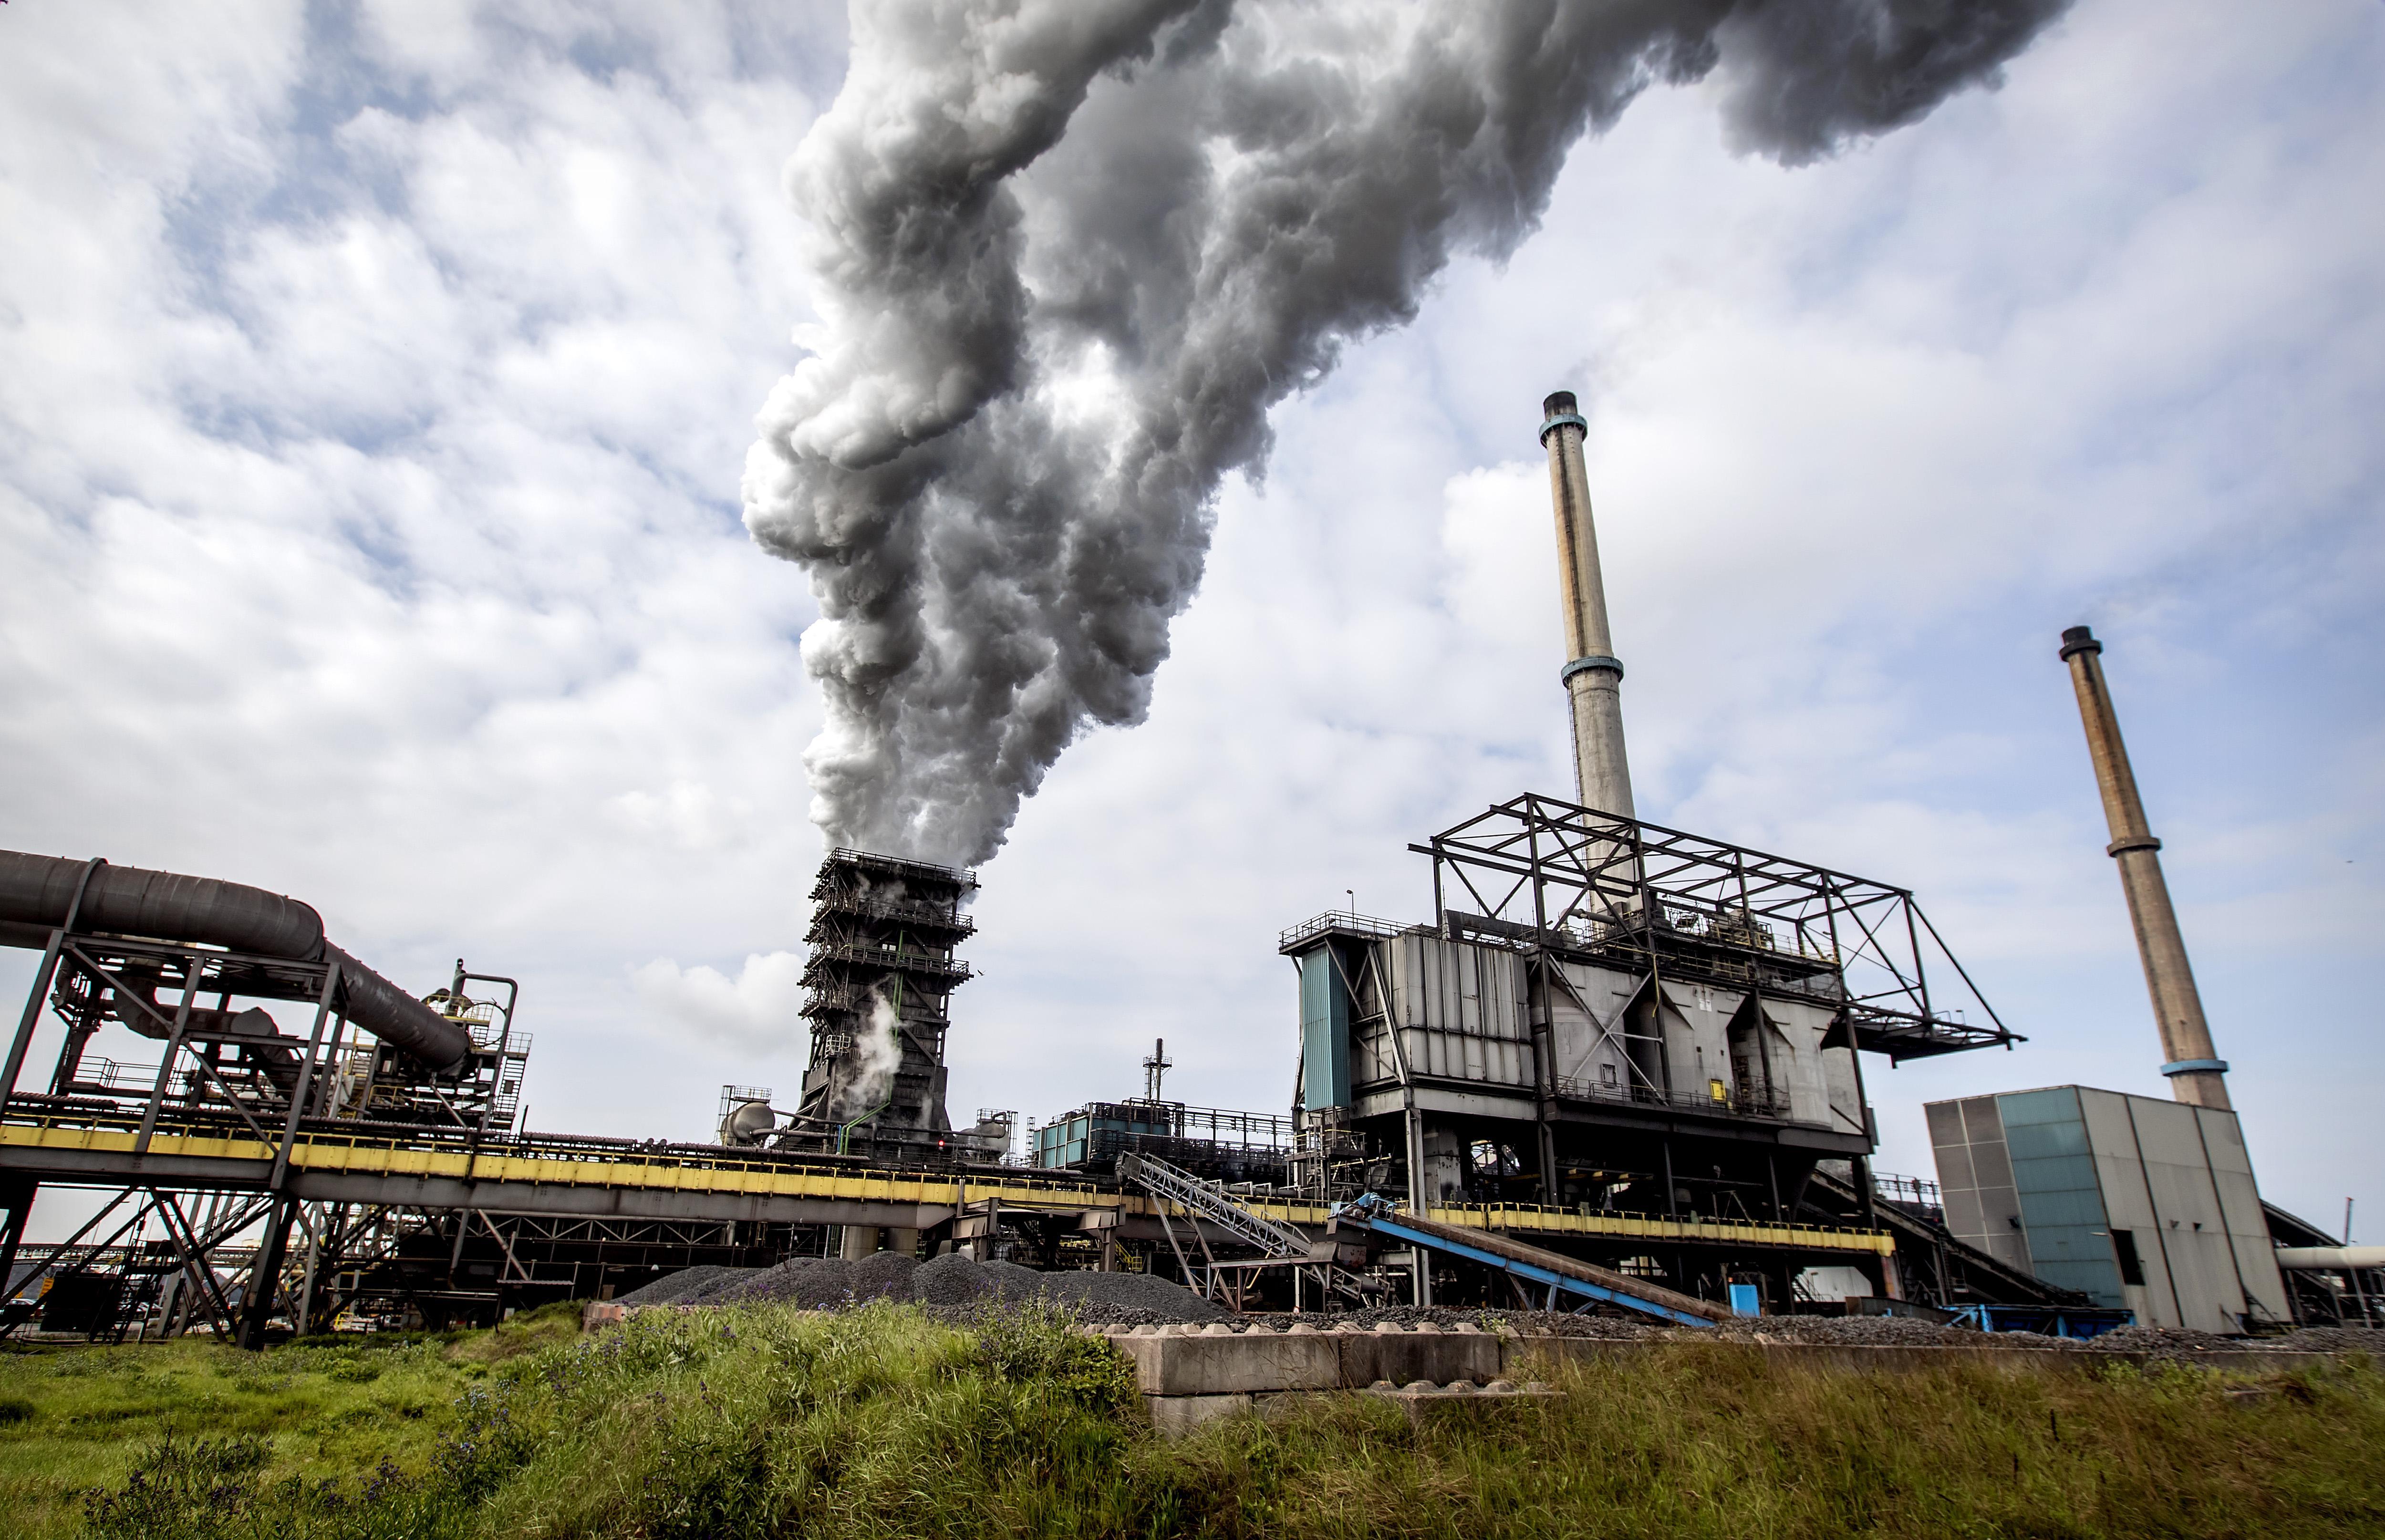 Nieuwe milieustichting Frisse Wind Nu wil vervuiling Tata Steel aanpakken: 'Wij komen op voor de basisrechten van onze kinderen: schone lucht, schoon water, een gezond en veilig thuis'